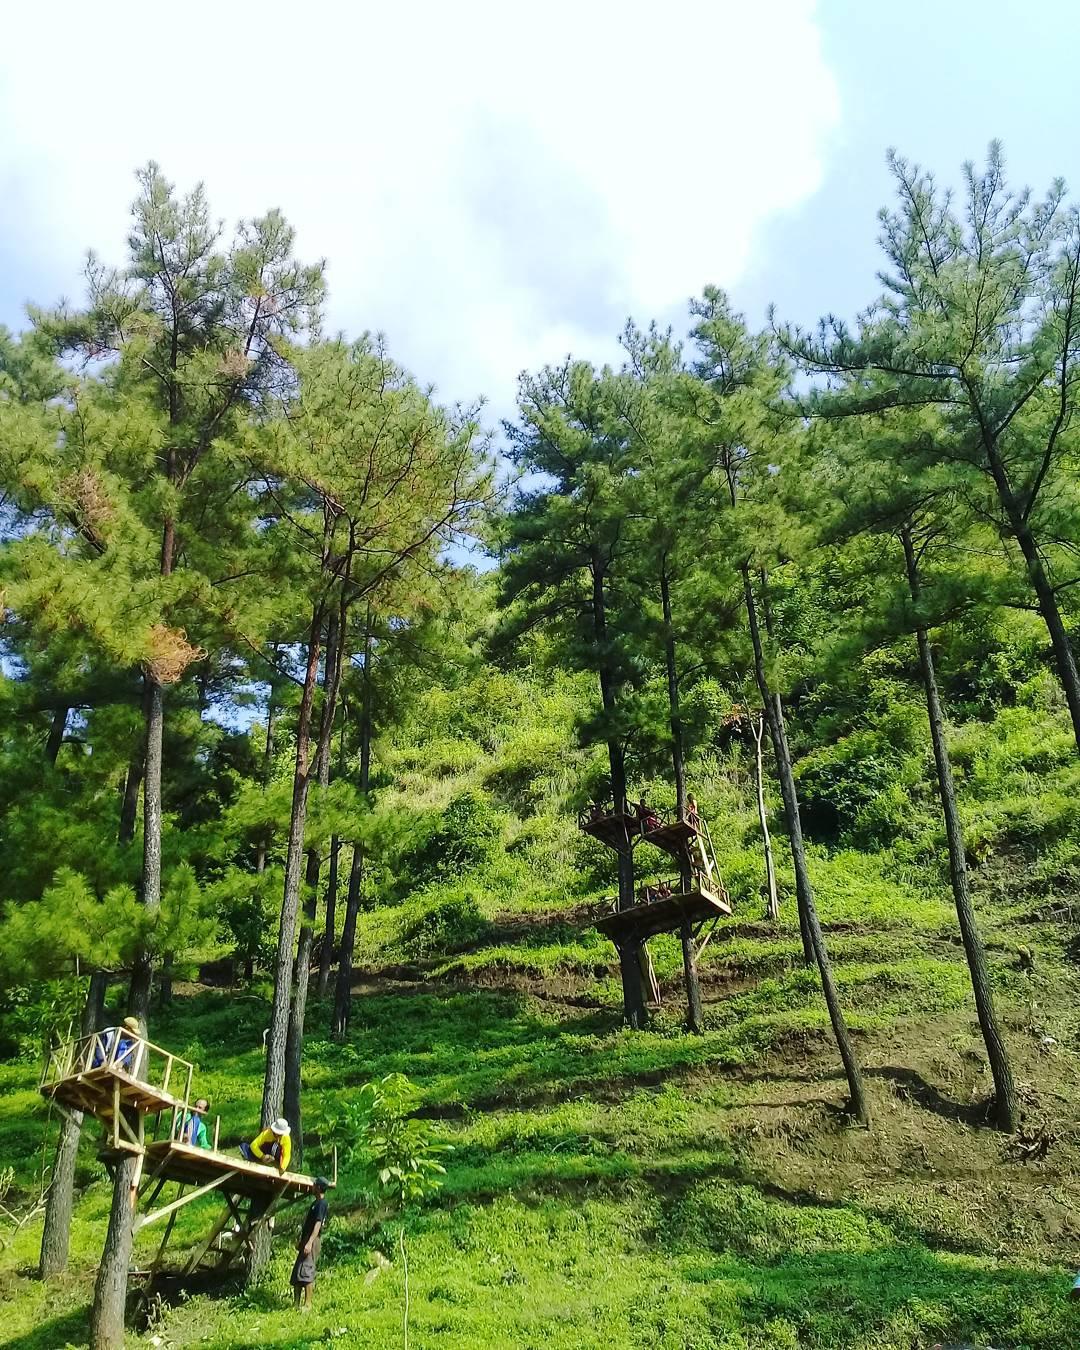 Hits Taman Kelinci Pembangunan Wisata Peningkatan Kualitas Hidup Ngembag Kab